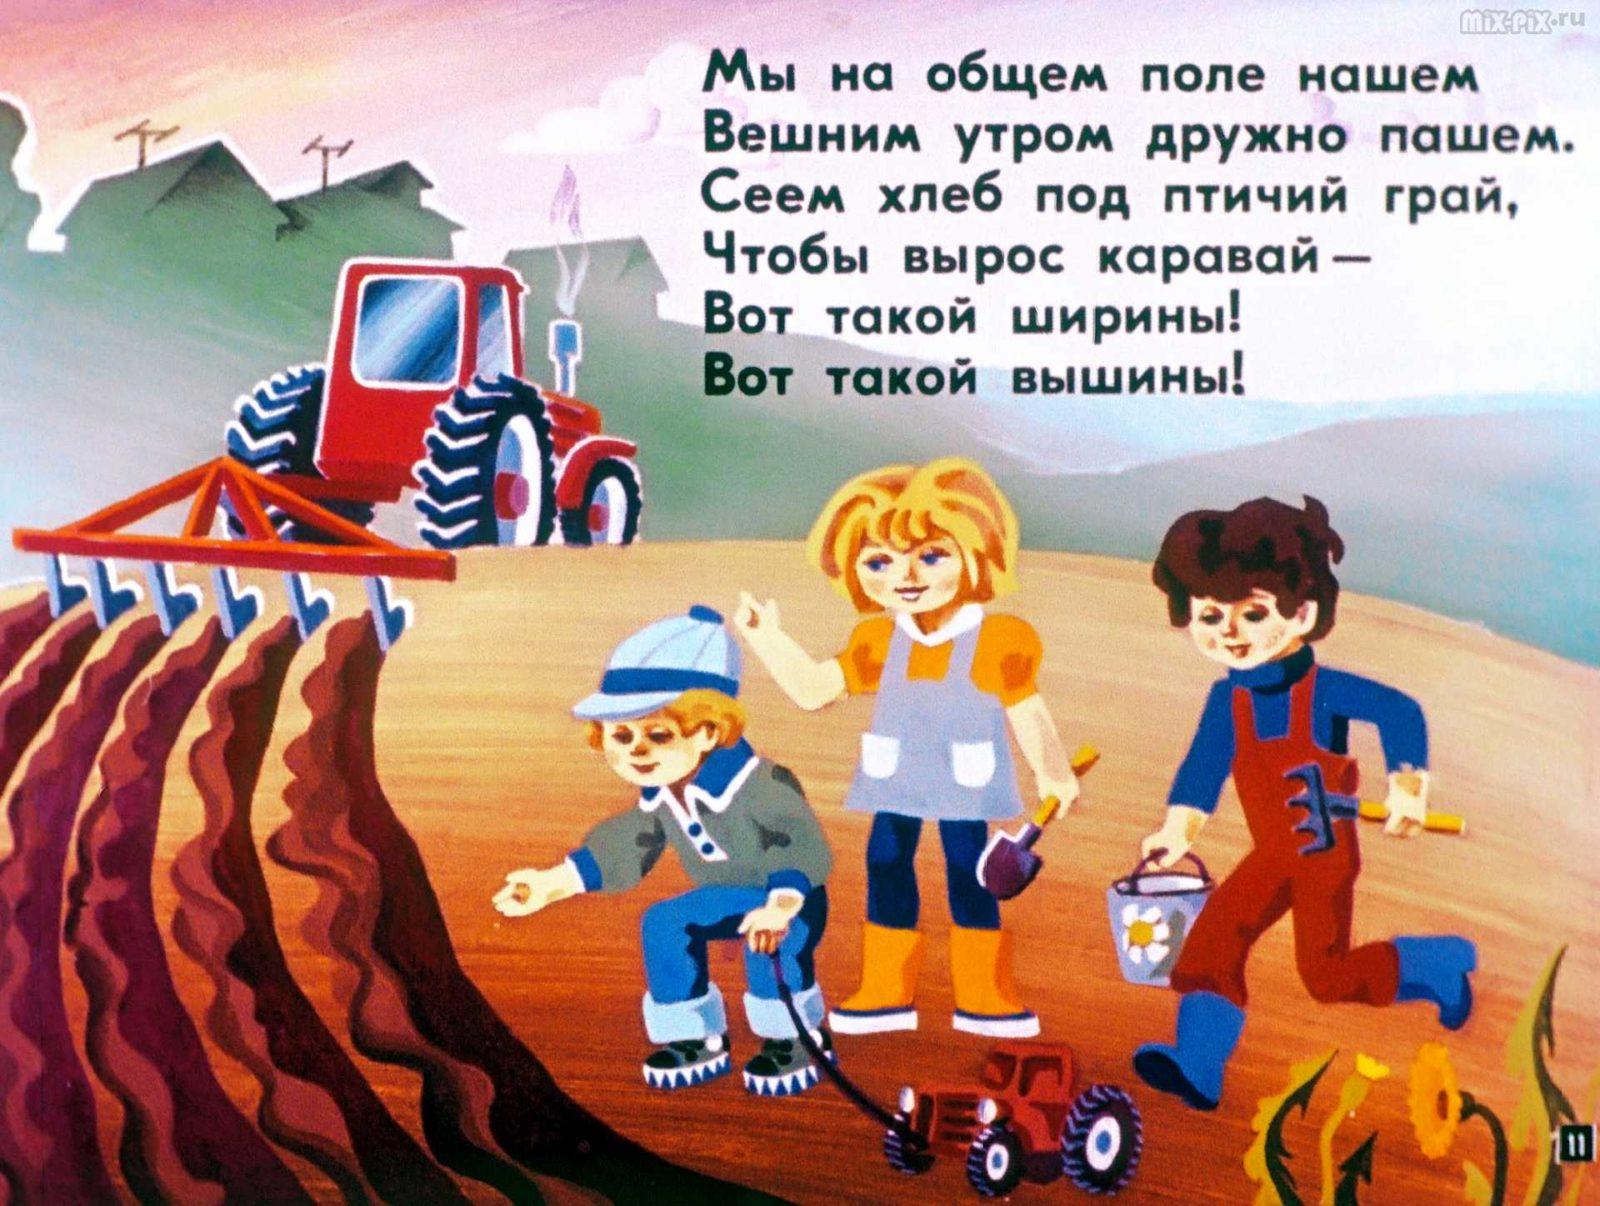 Под солнцем пляшет девочка (1984) 29